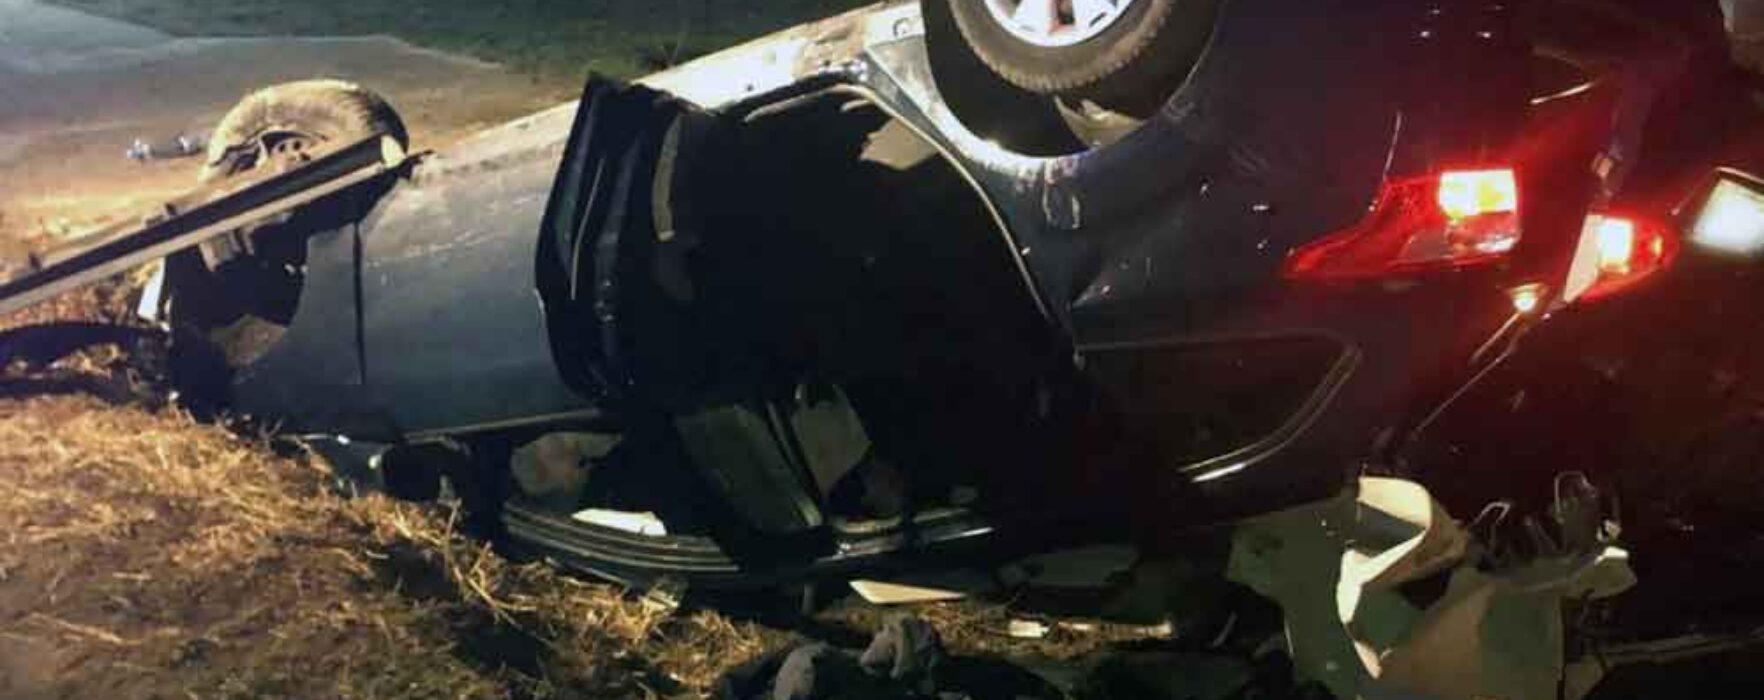 Dâmboviţa: O maşină a lovit un cal aflat pe DN 72A, un tânăr a murit în accident